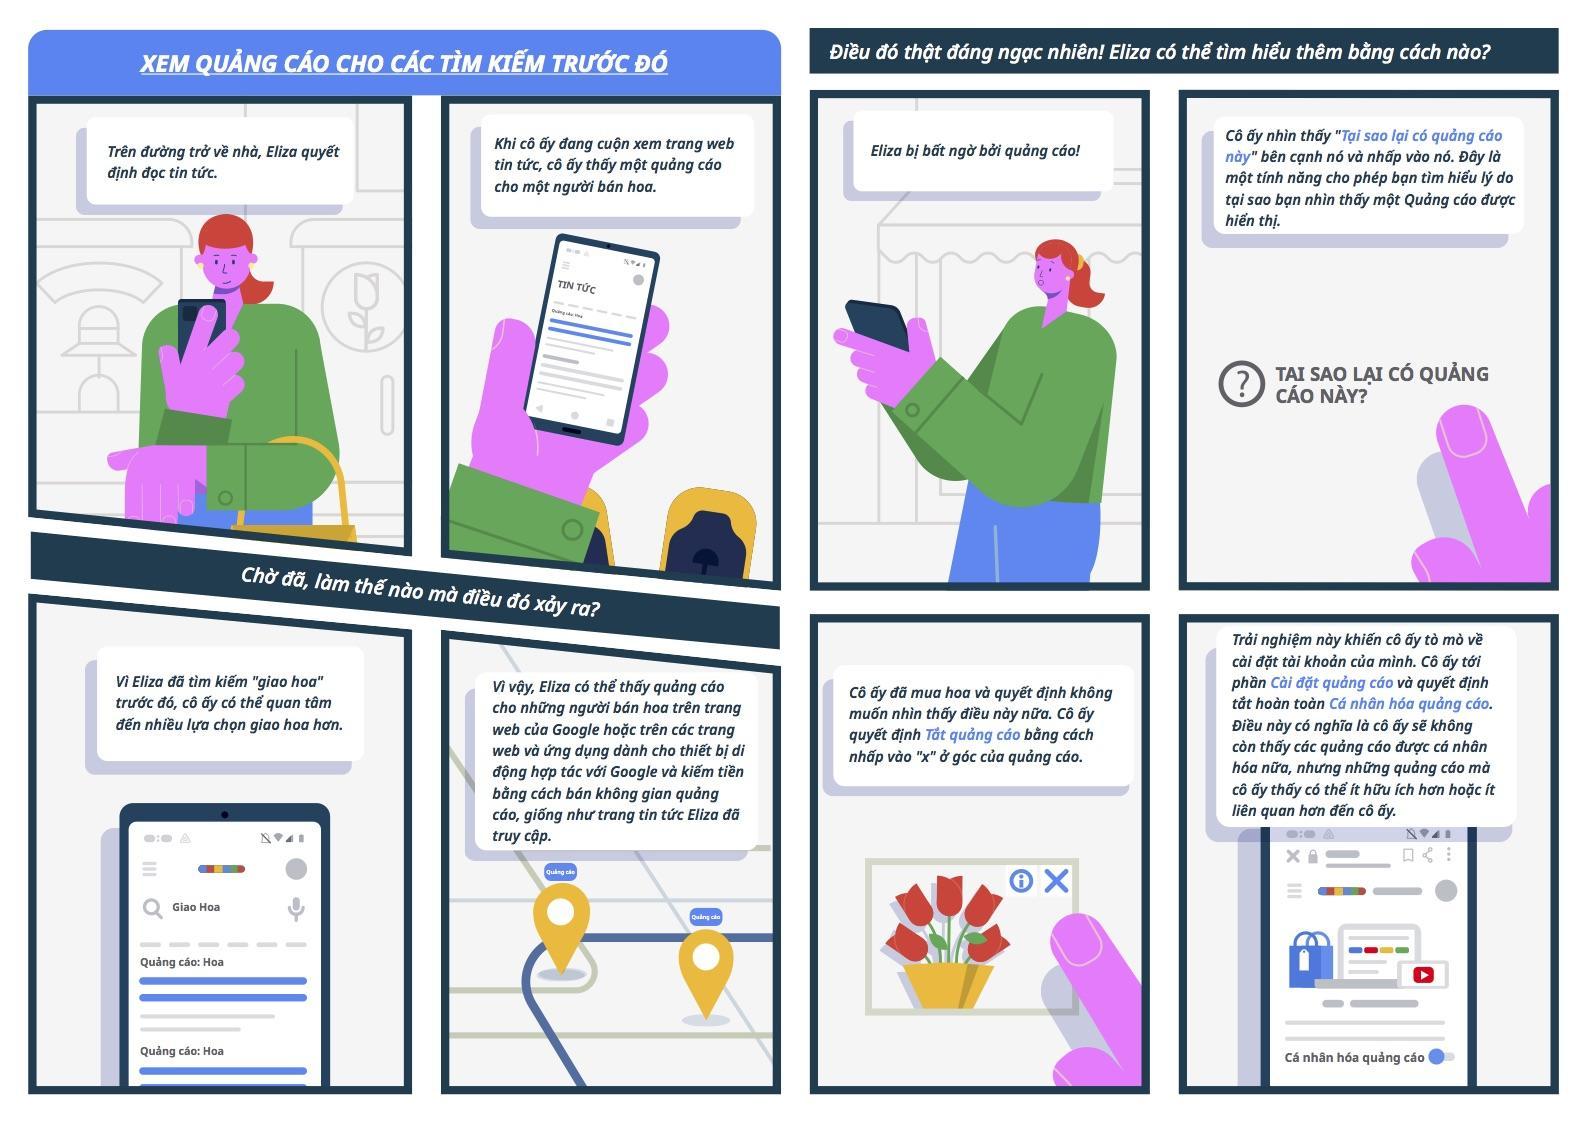 Google chia sẻ cách hãng giữ an toàn, giúp kiểm soát quyền riêng tư